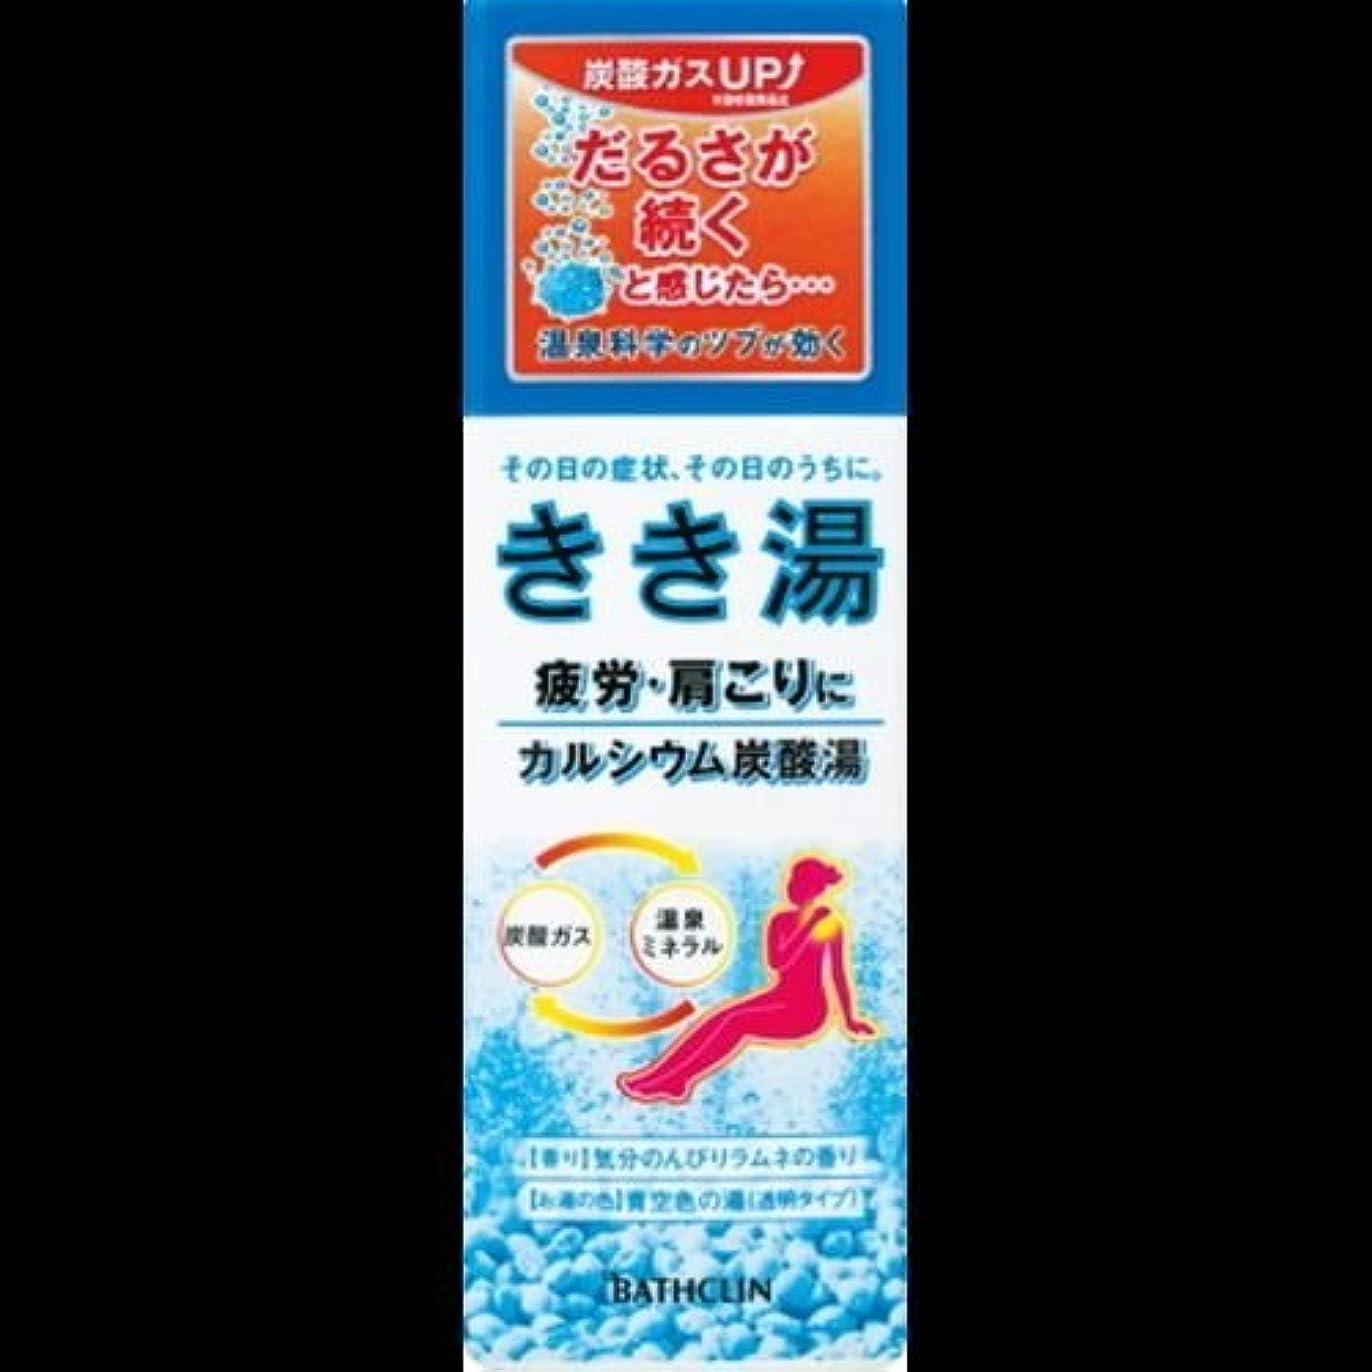 甲虫アラバマユーザー【まとめ買い】きき湯 カルシウム炭酸湯 気分のんびりラムネの香り 青空色の湯(透明タイプ) 360g ×2セット